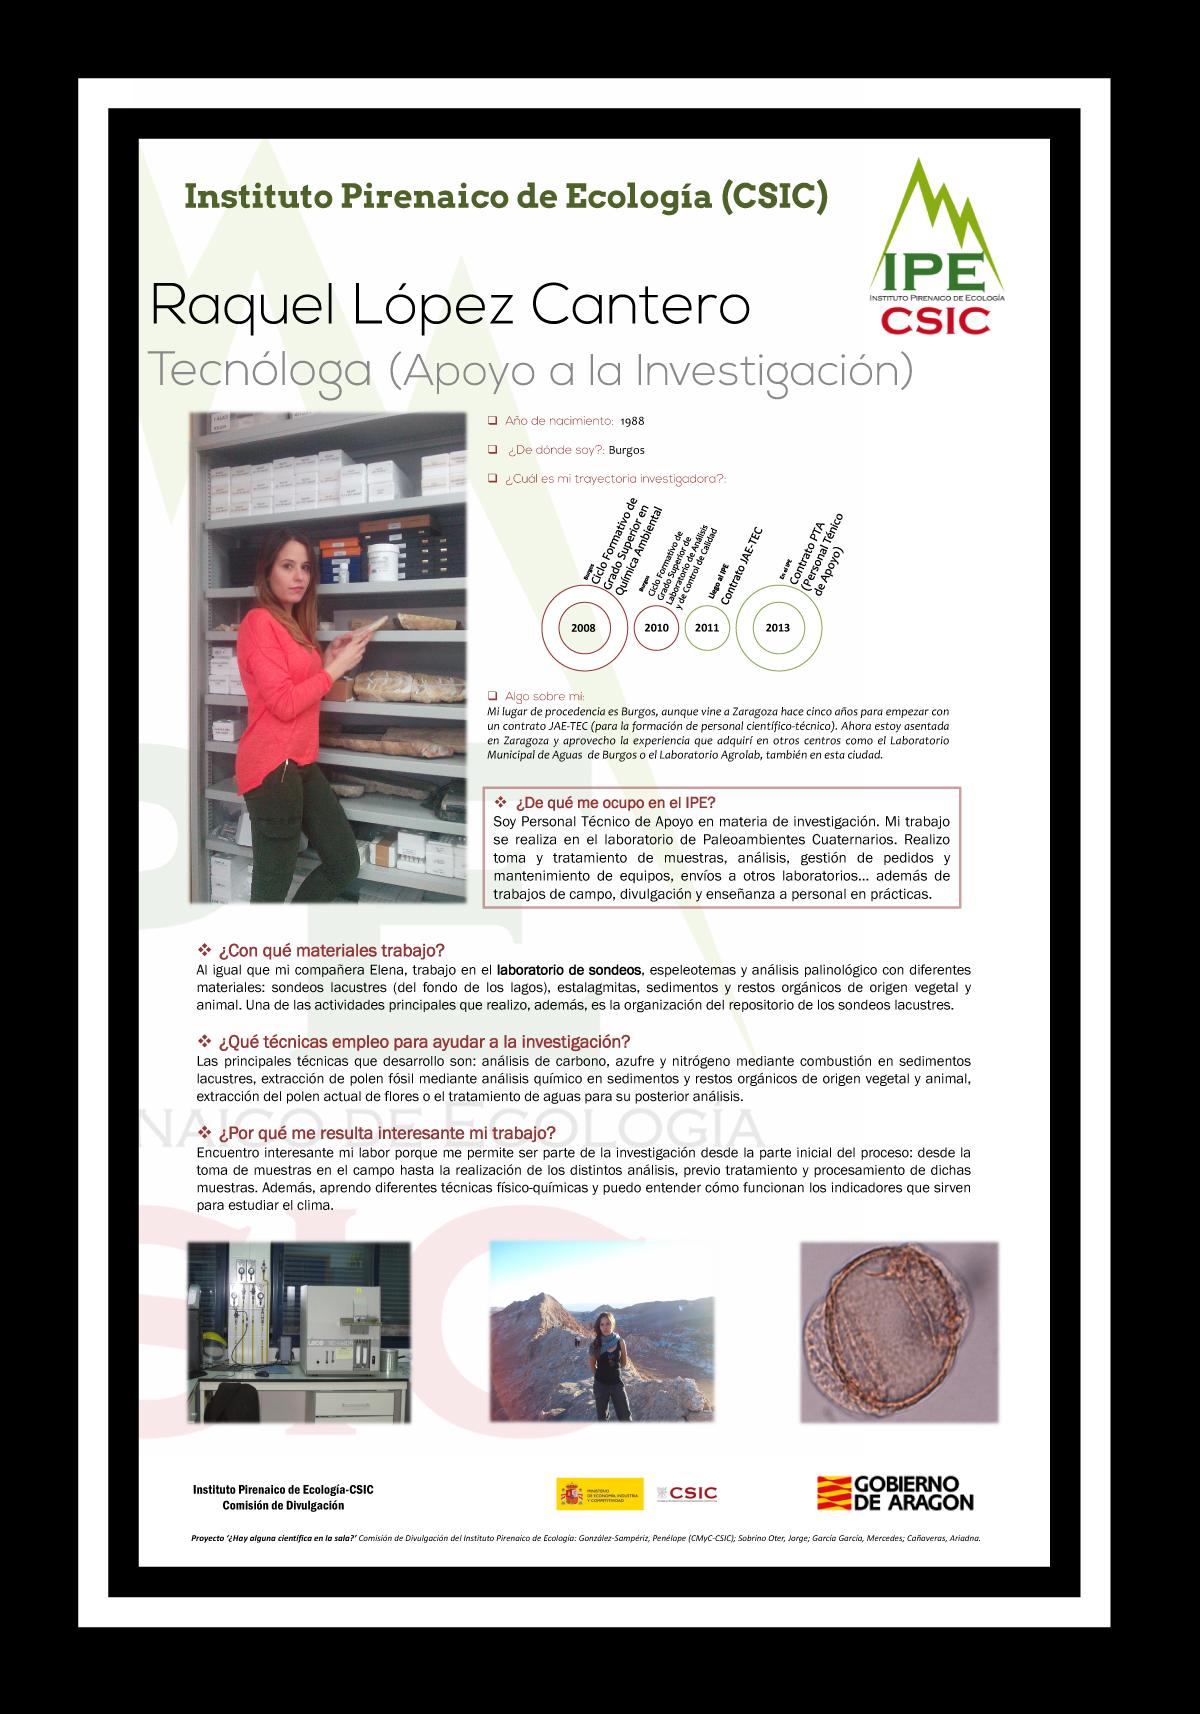 Raquel López Cantero